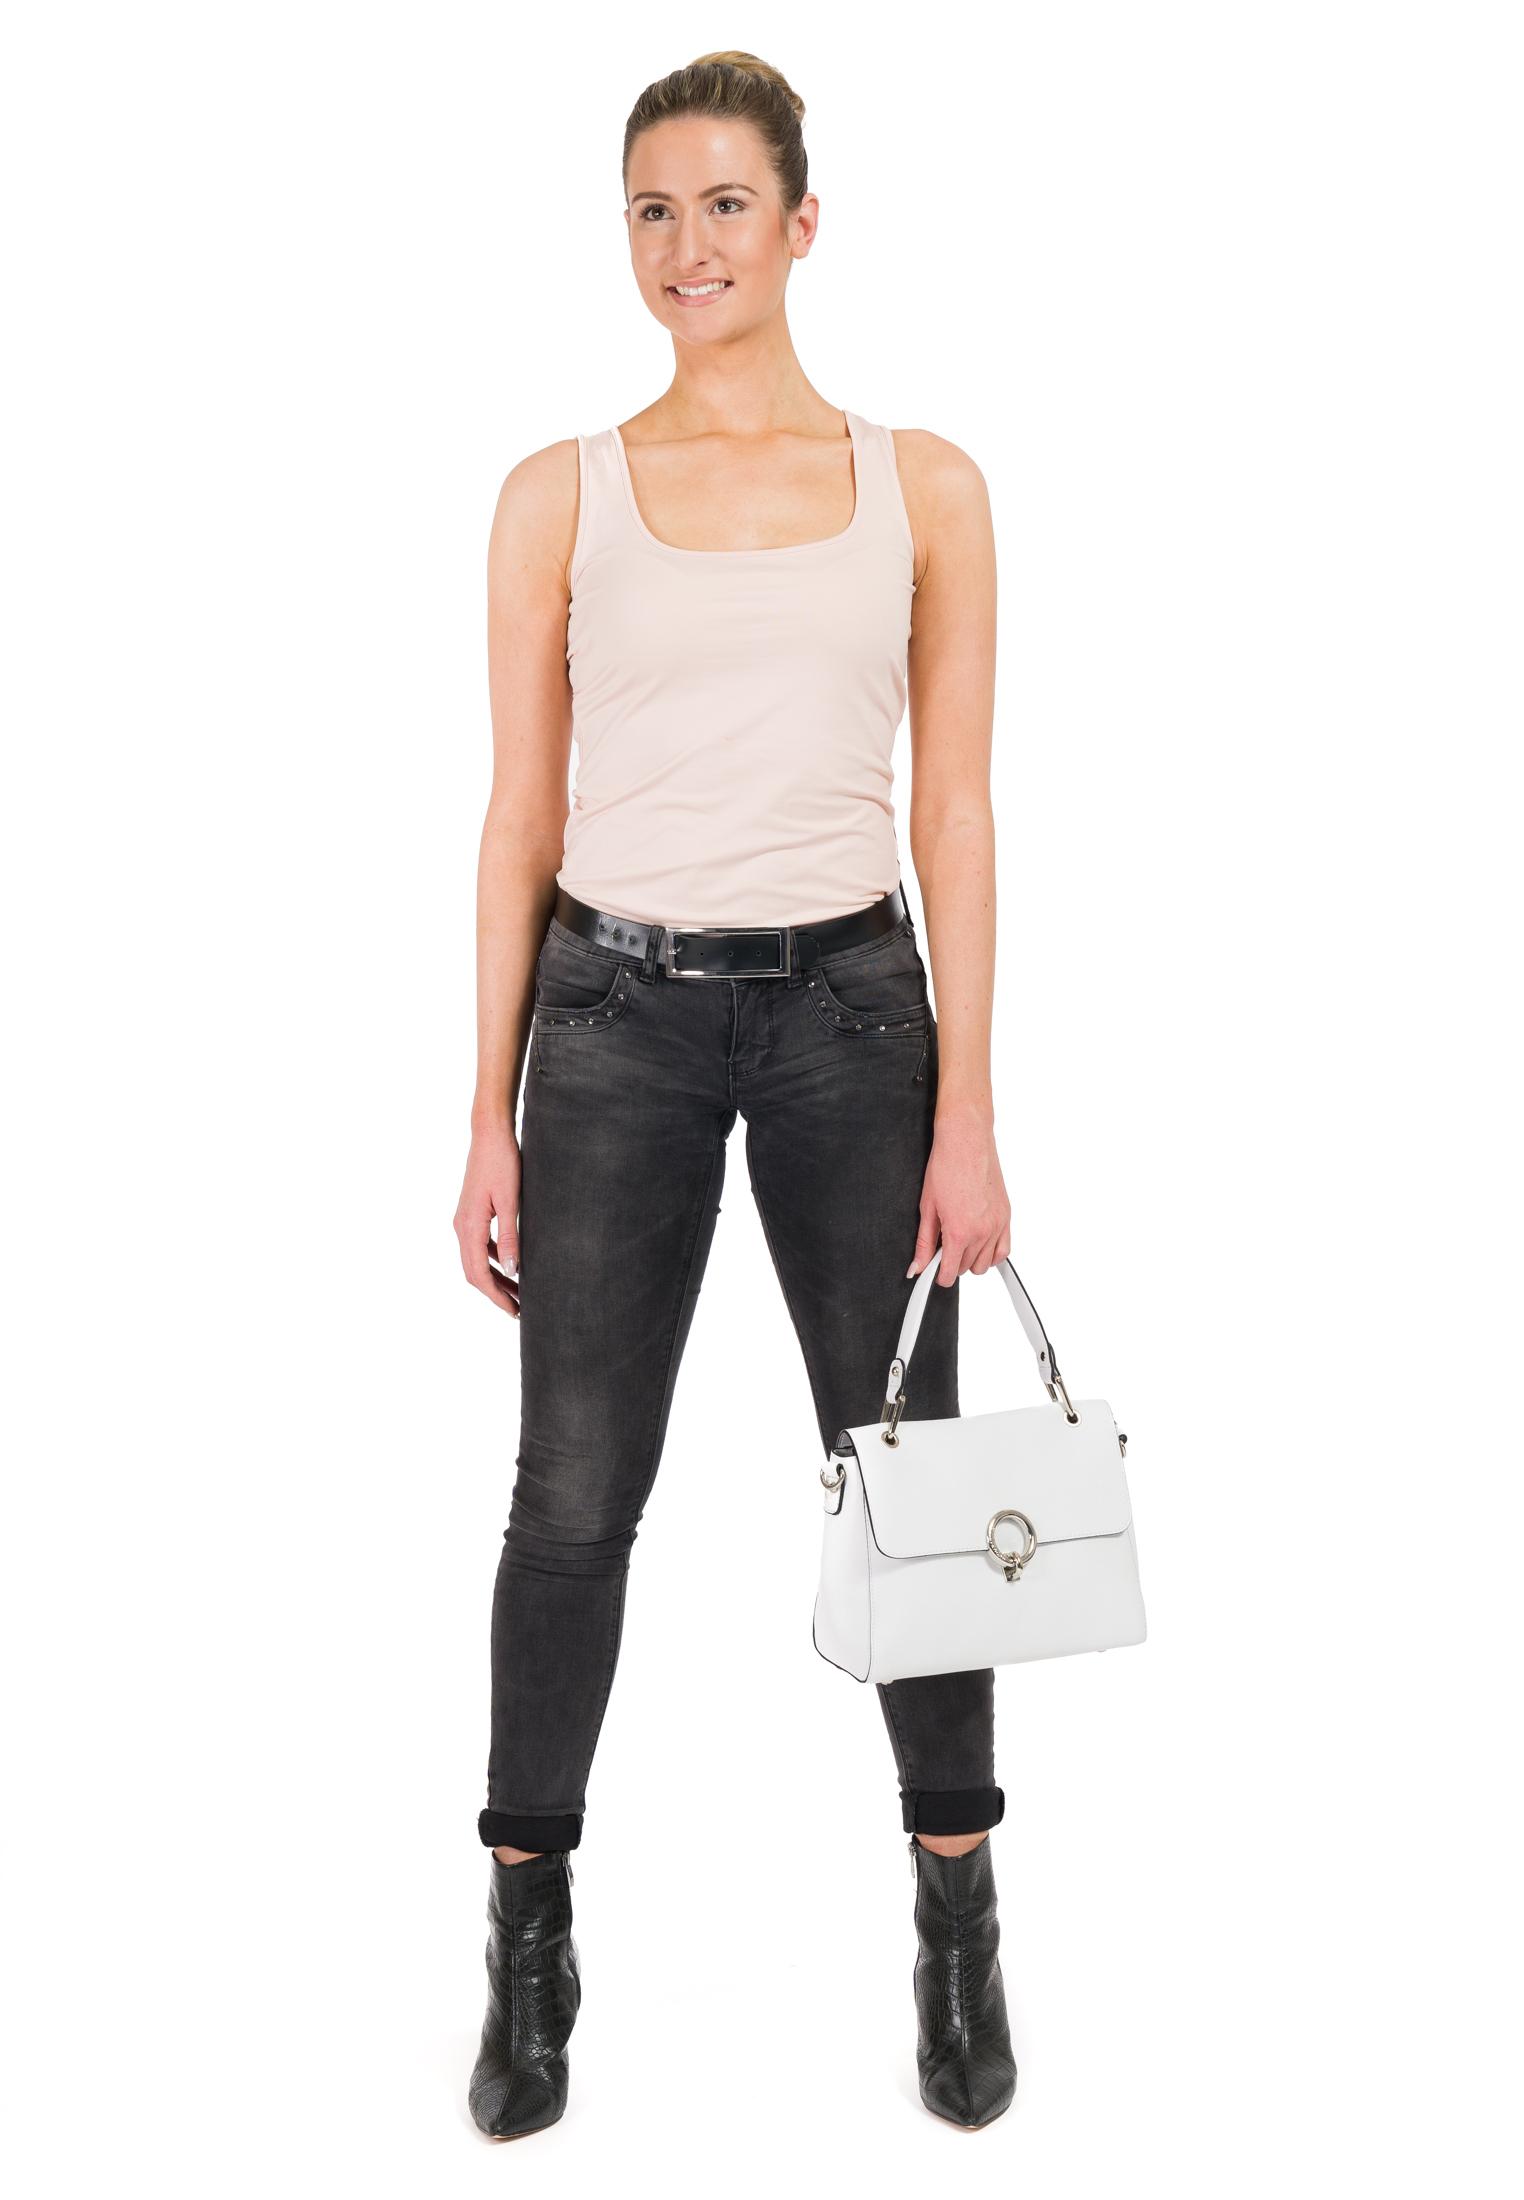 Handtasche mit Überschlag Linda mittel